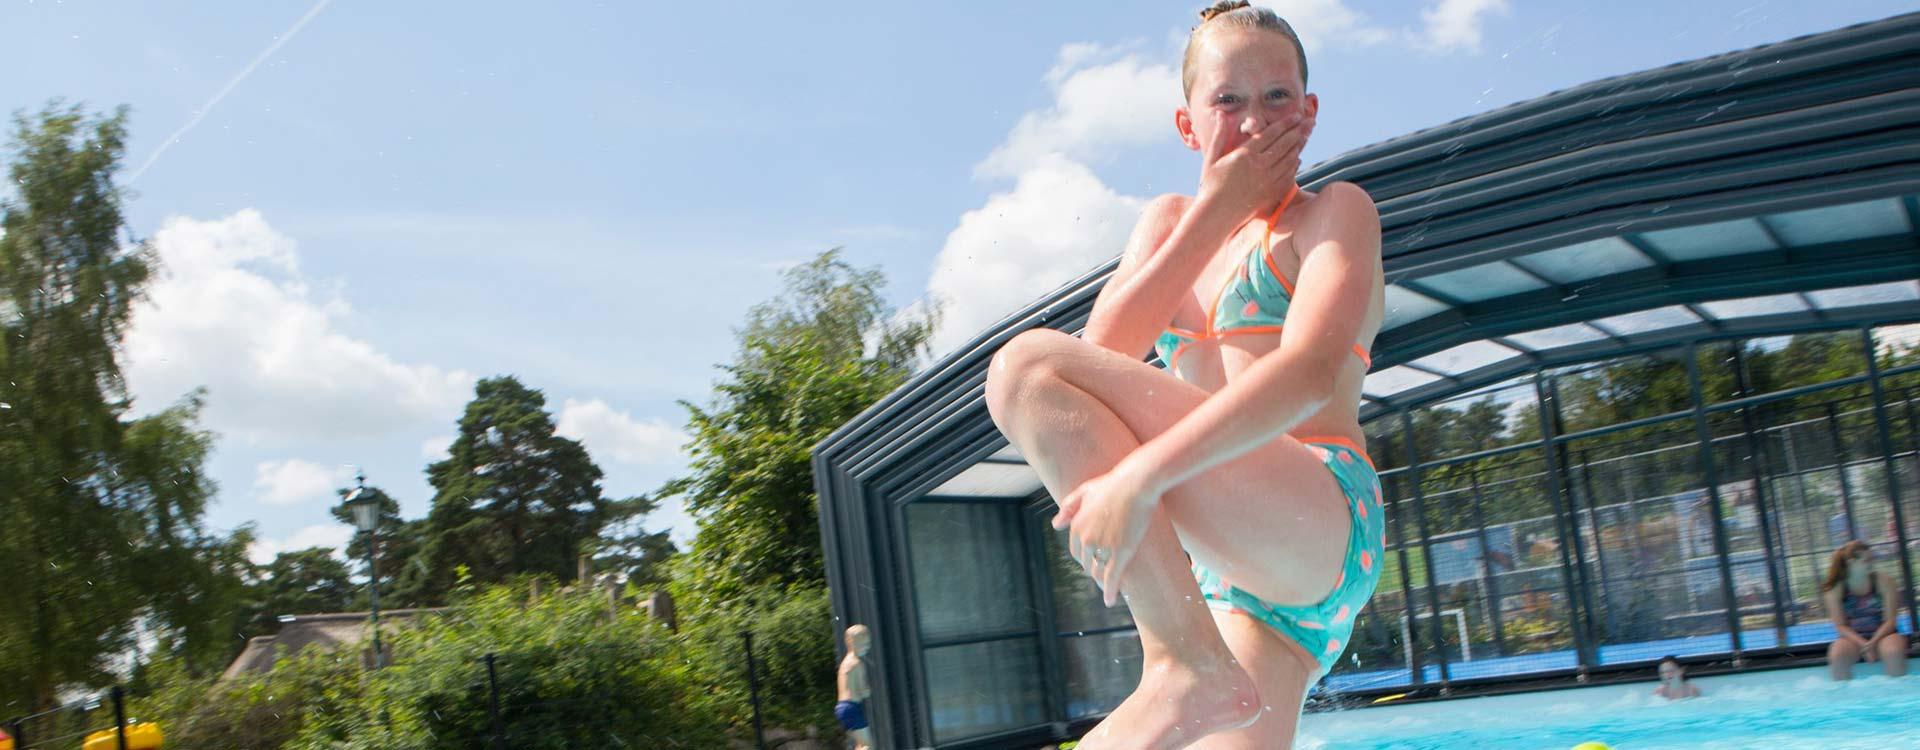 de-norgerberg-camping-met-zwembad